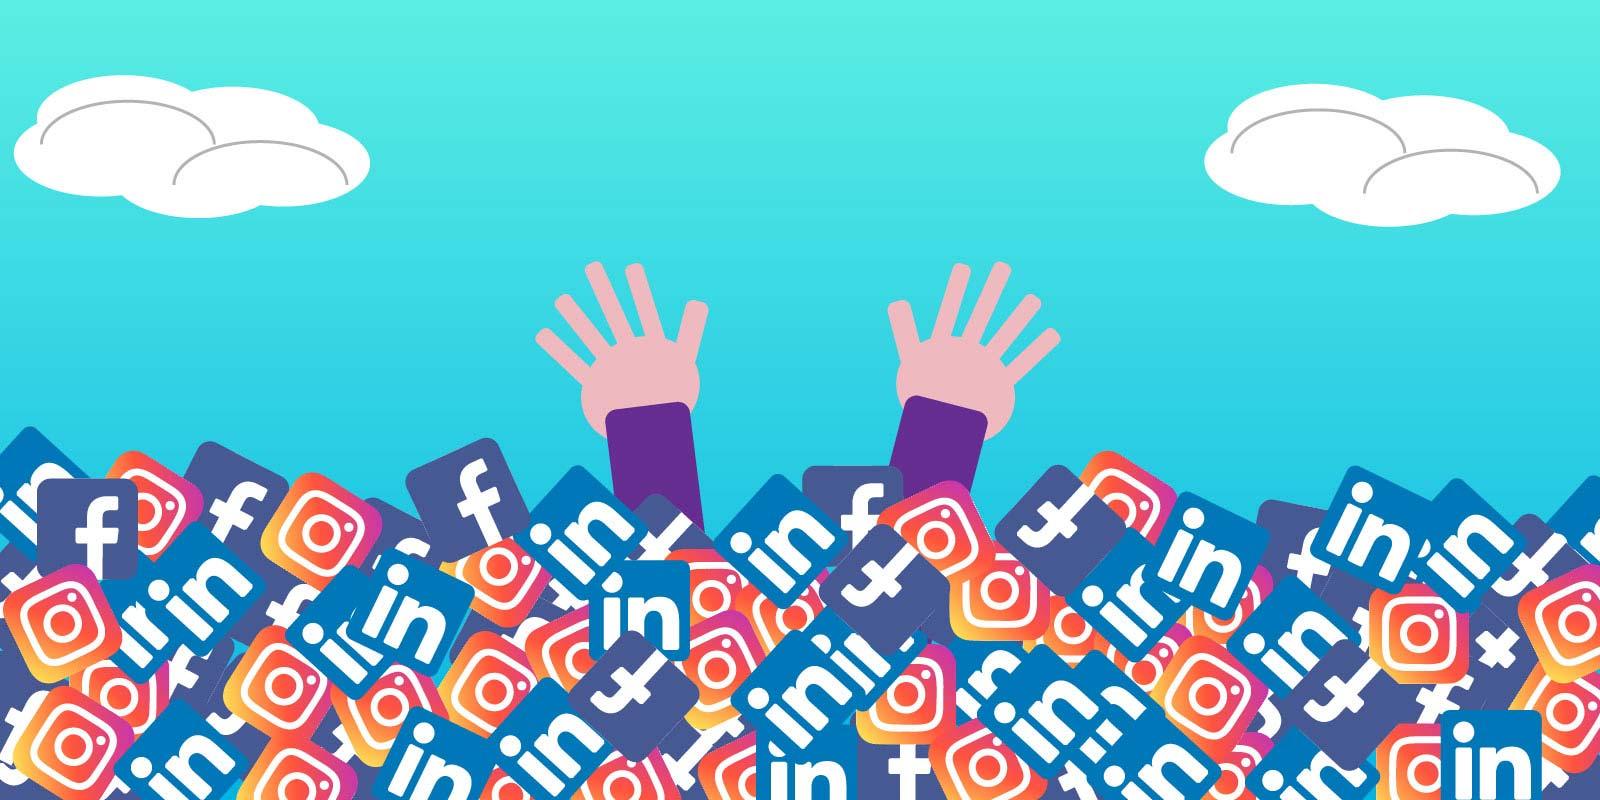 Definire il target social, per capire cosa pubblicare su Facebook e Instagram